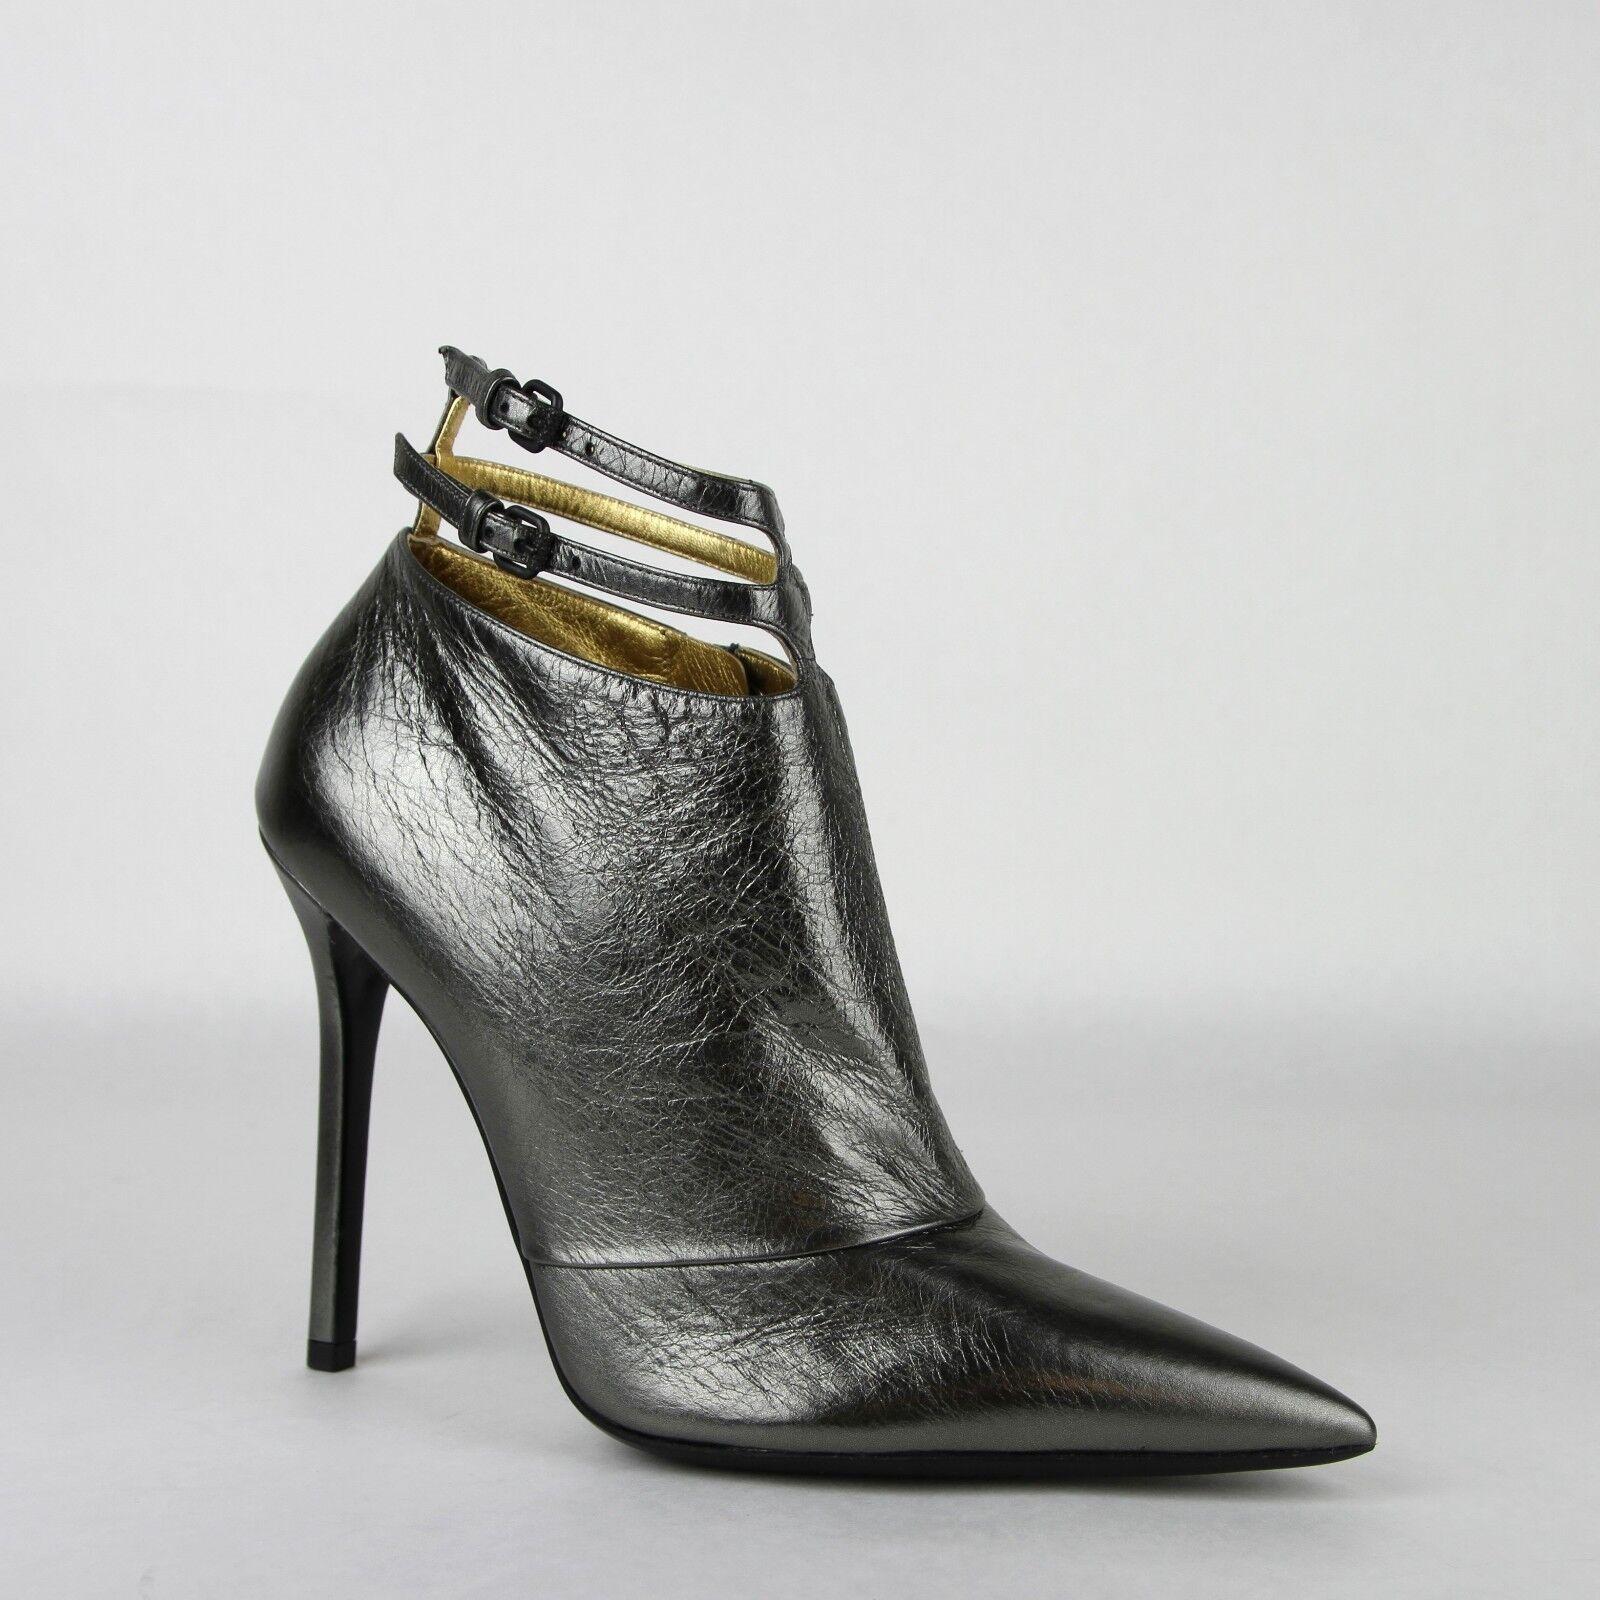 990 Bottega Veneta Women Grey Metallic Leather Ankle Heels w straps 443165 1117